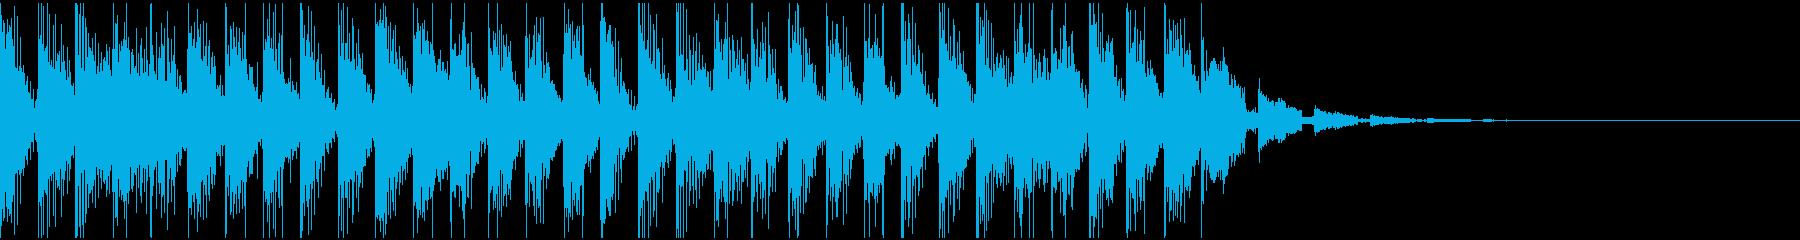 サウンドロゴやジングル等に使用できる音源の再生済みの波形